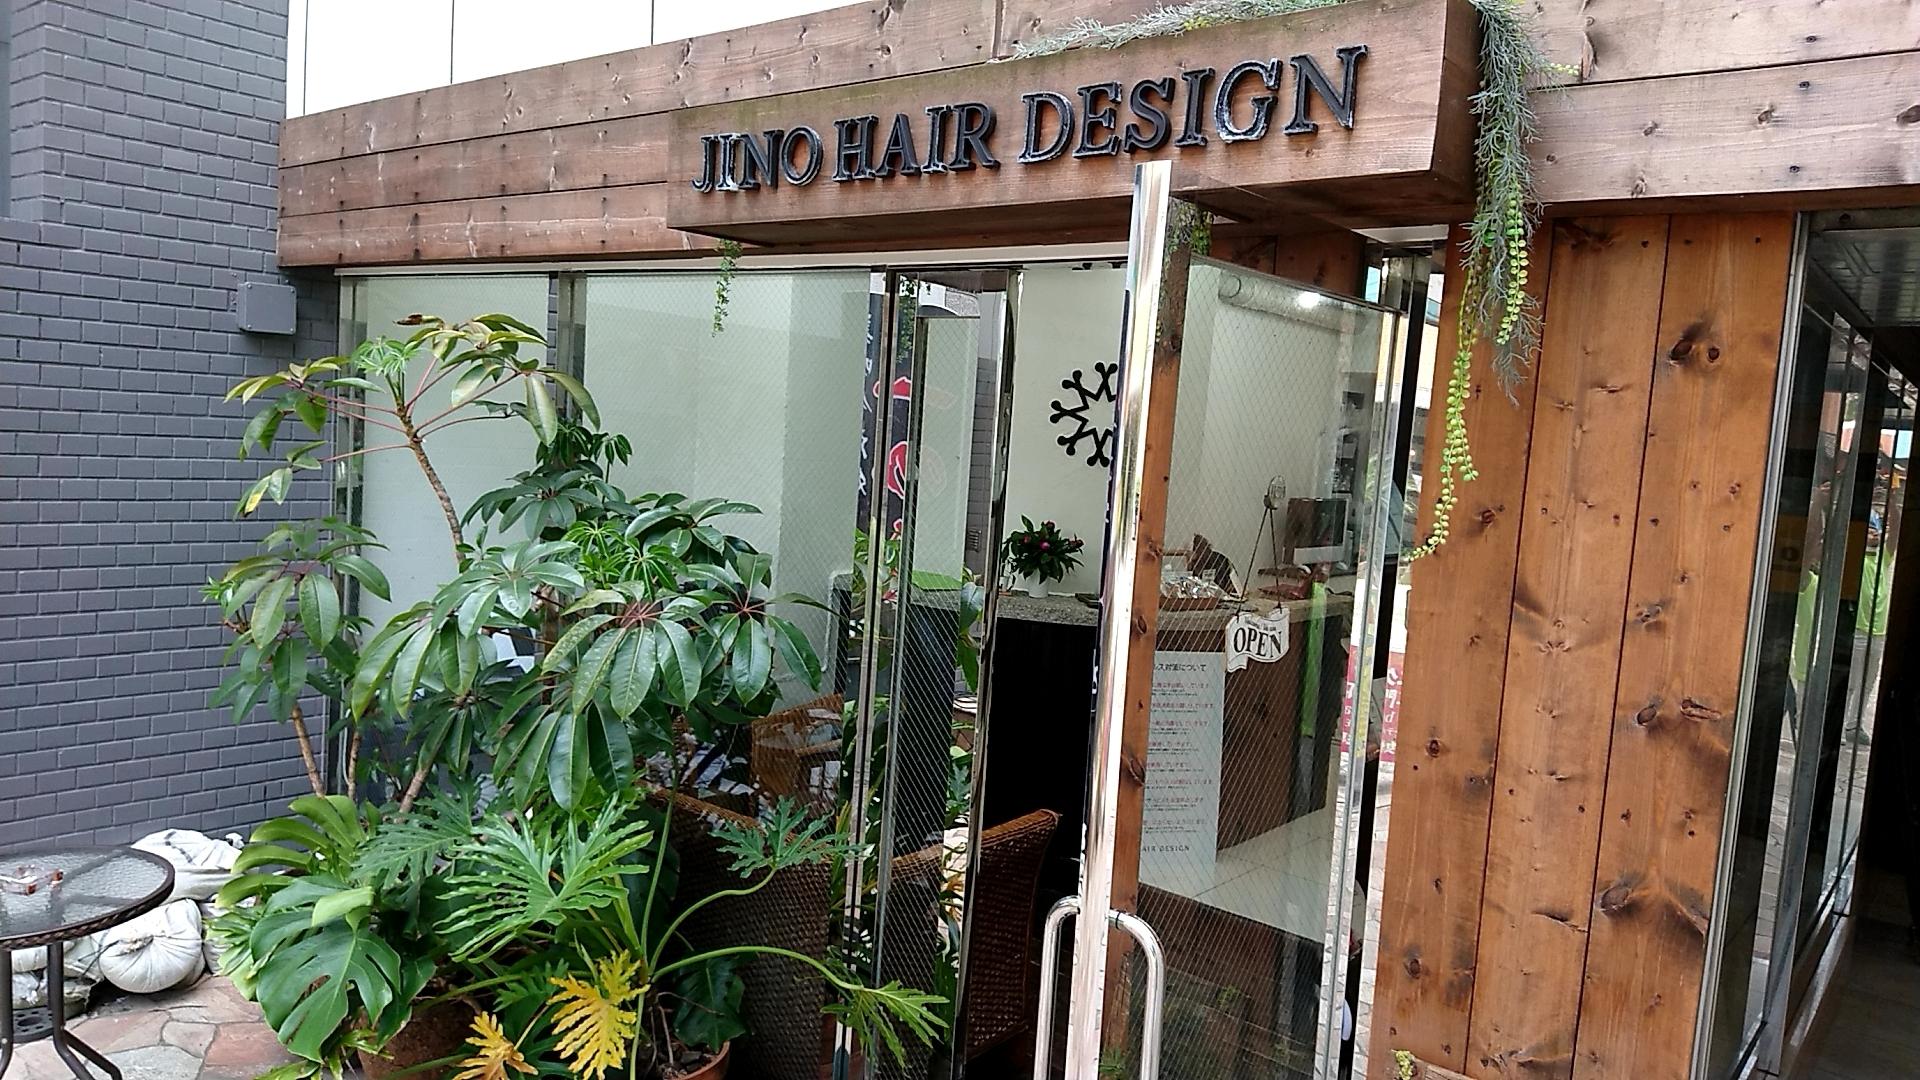 JINO HAIR DESIGN